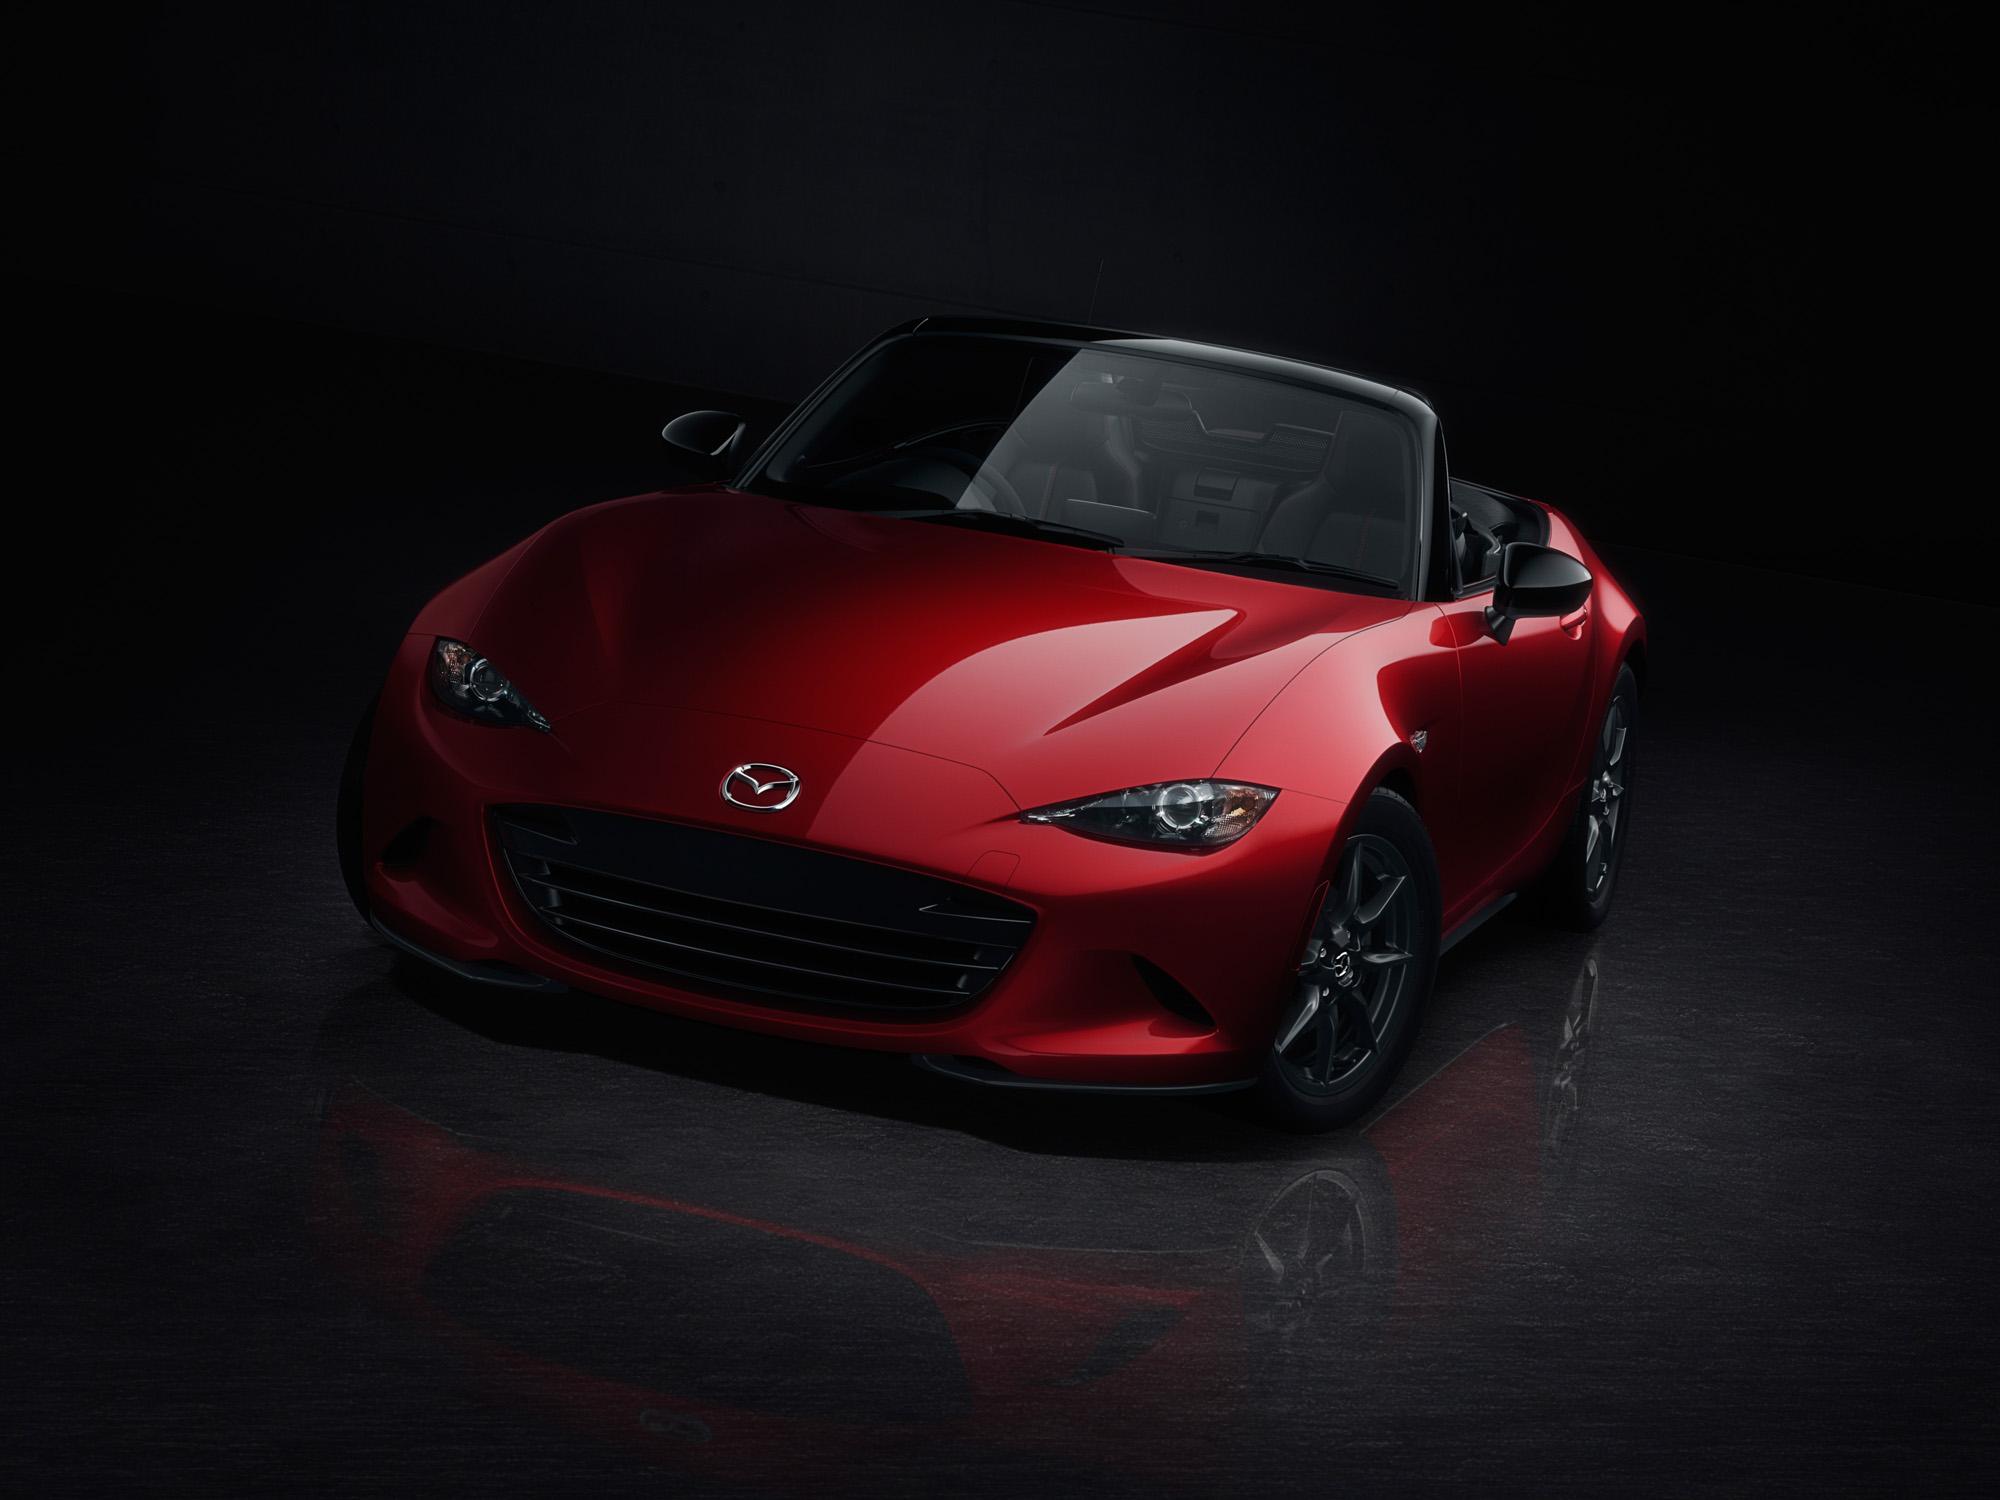 Weitblick: Ab Spätsommer 2015 wird der Mazda MX-5 erwartet